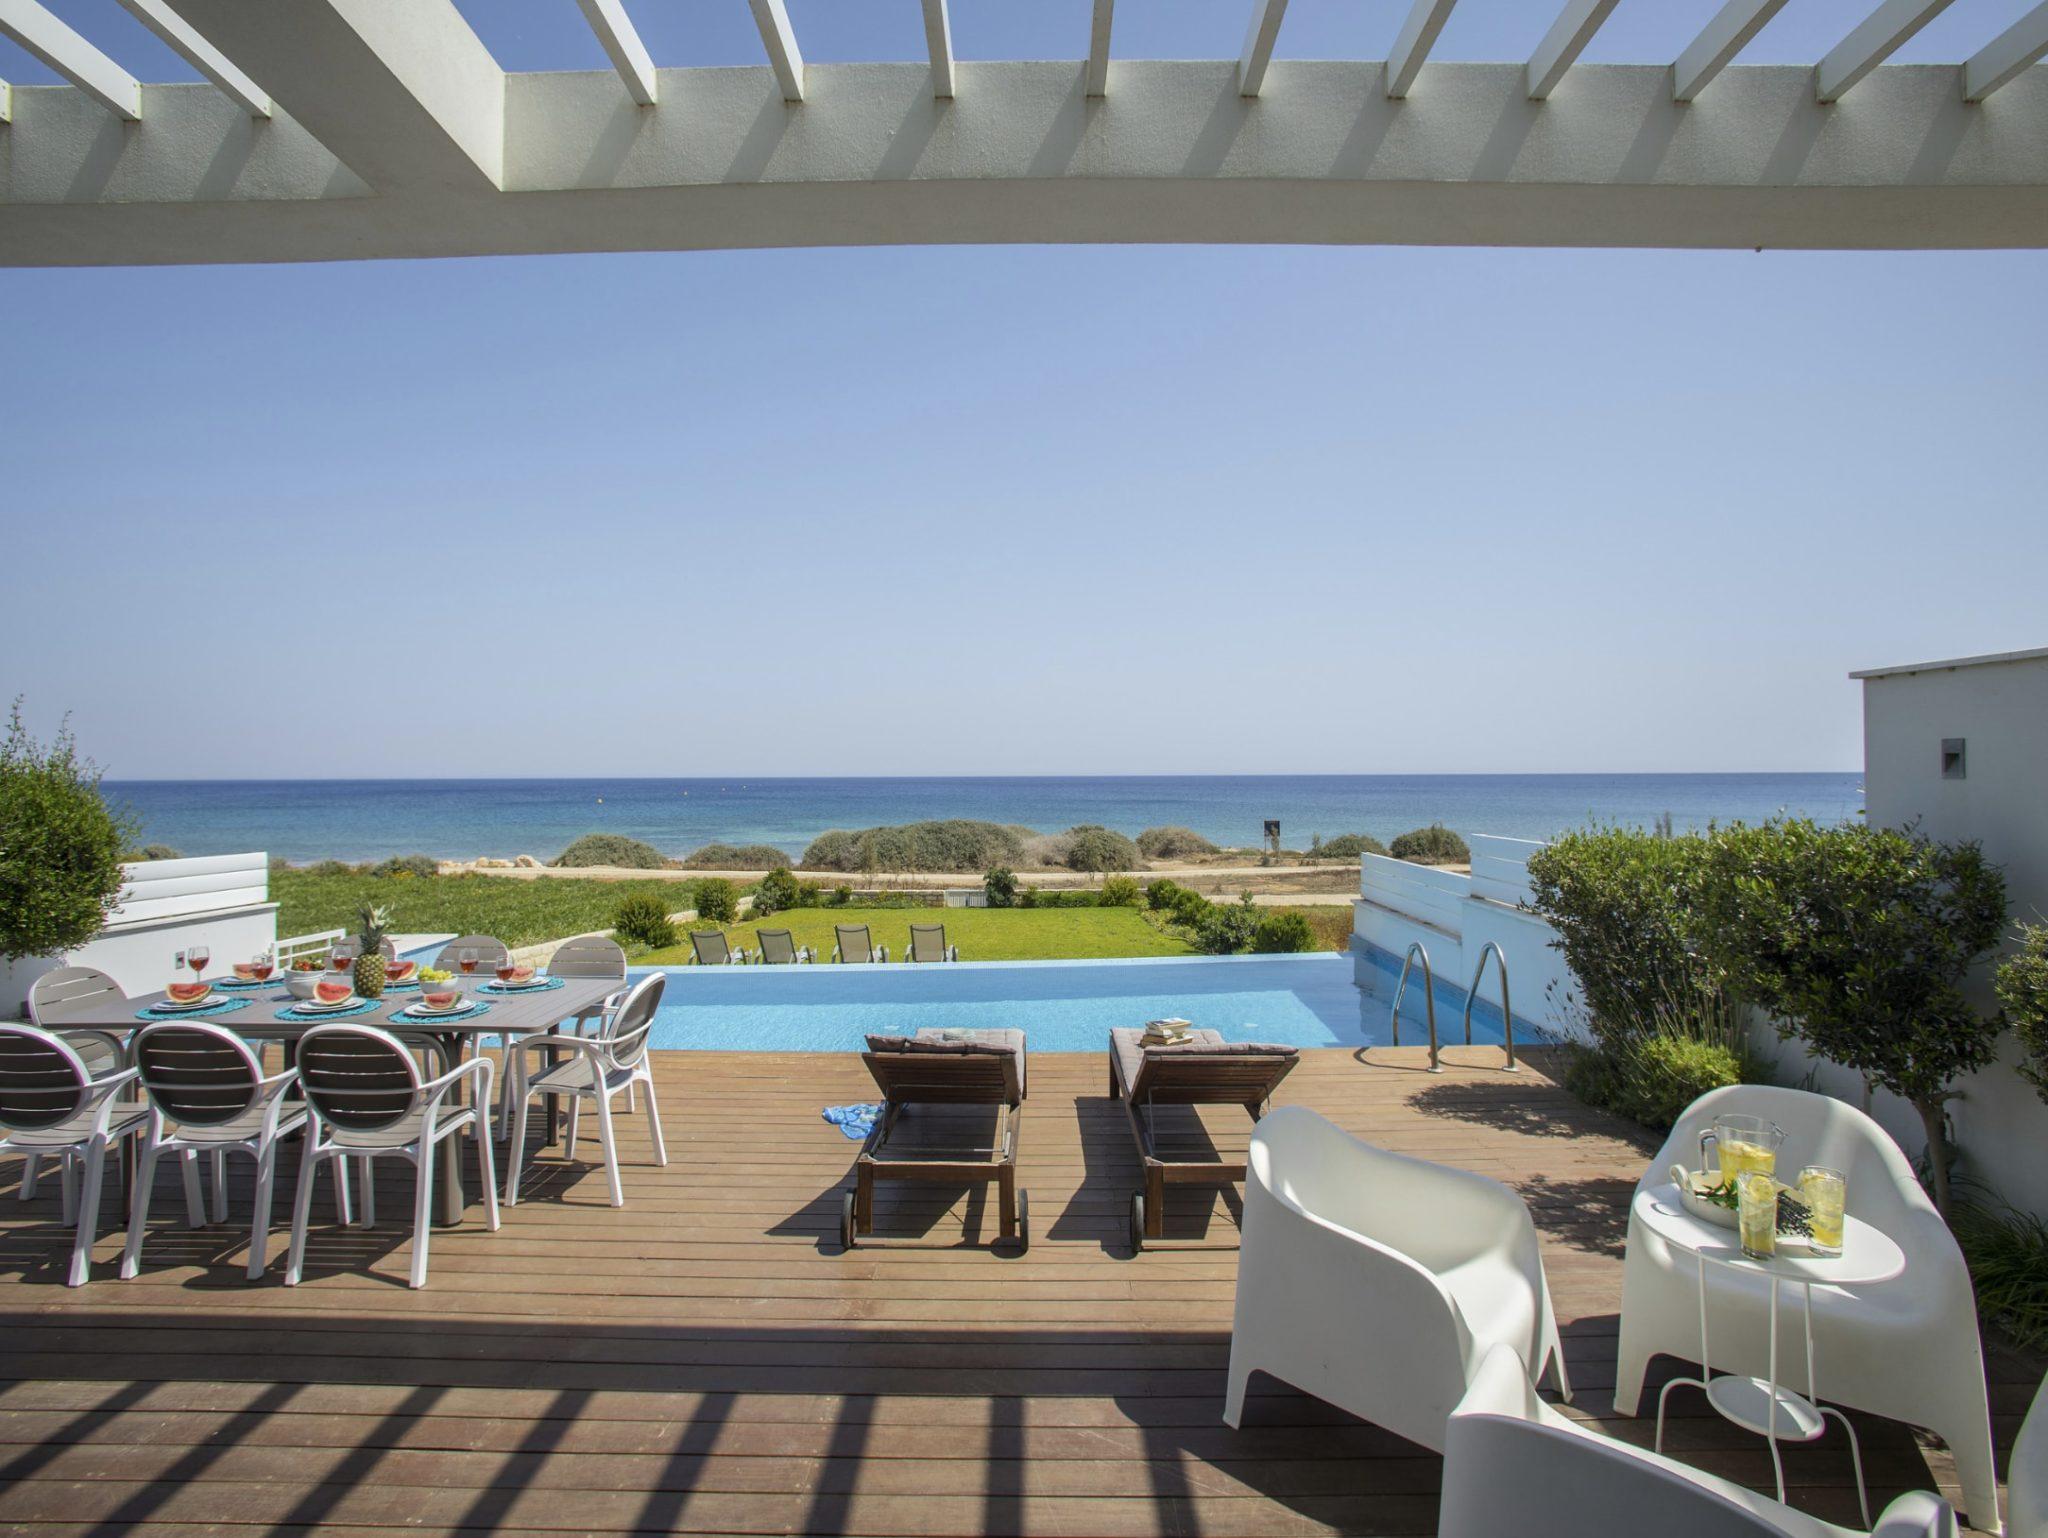 VILLA WITH SEA VIEWS - CYPRUS